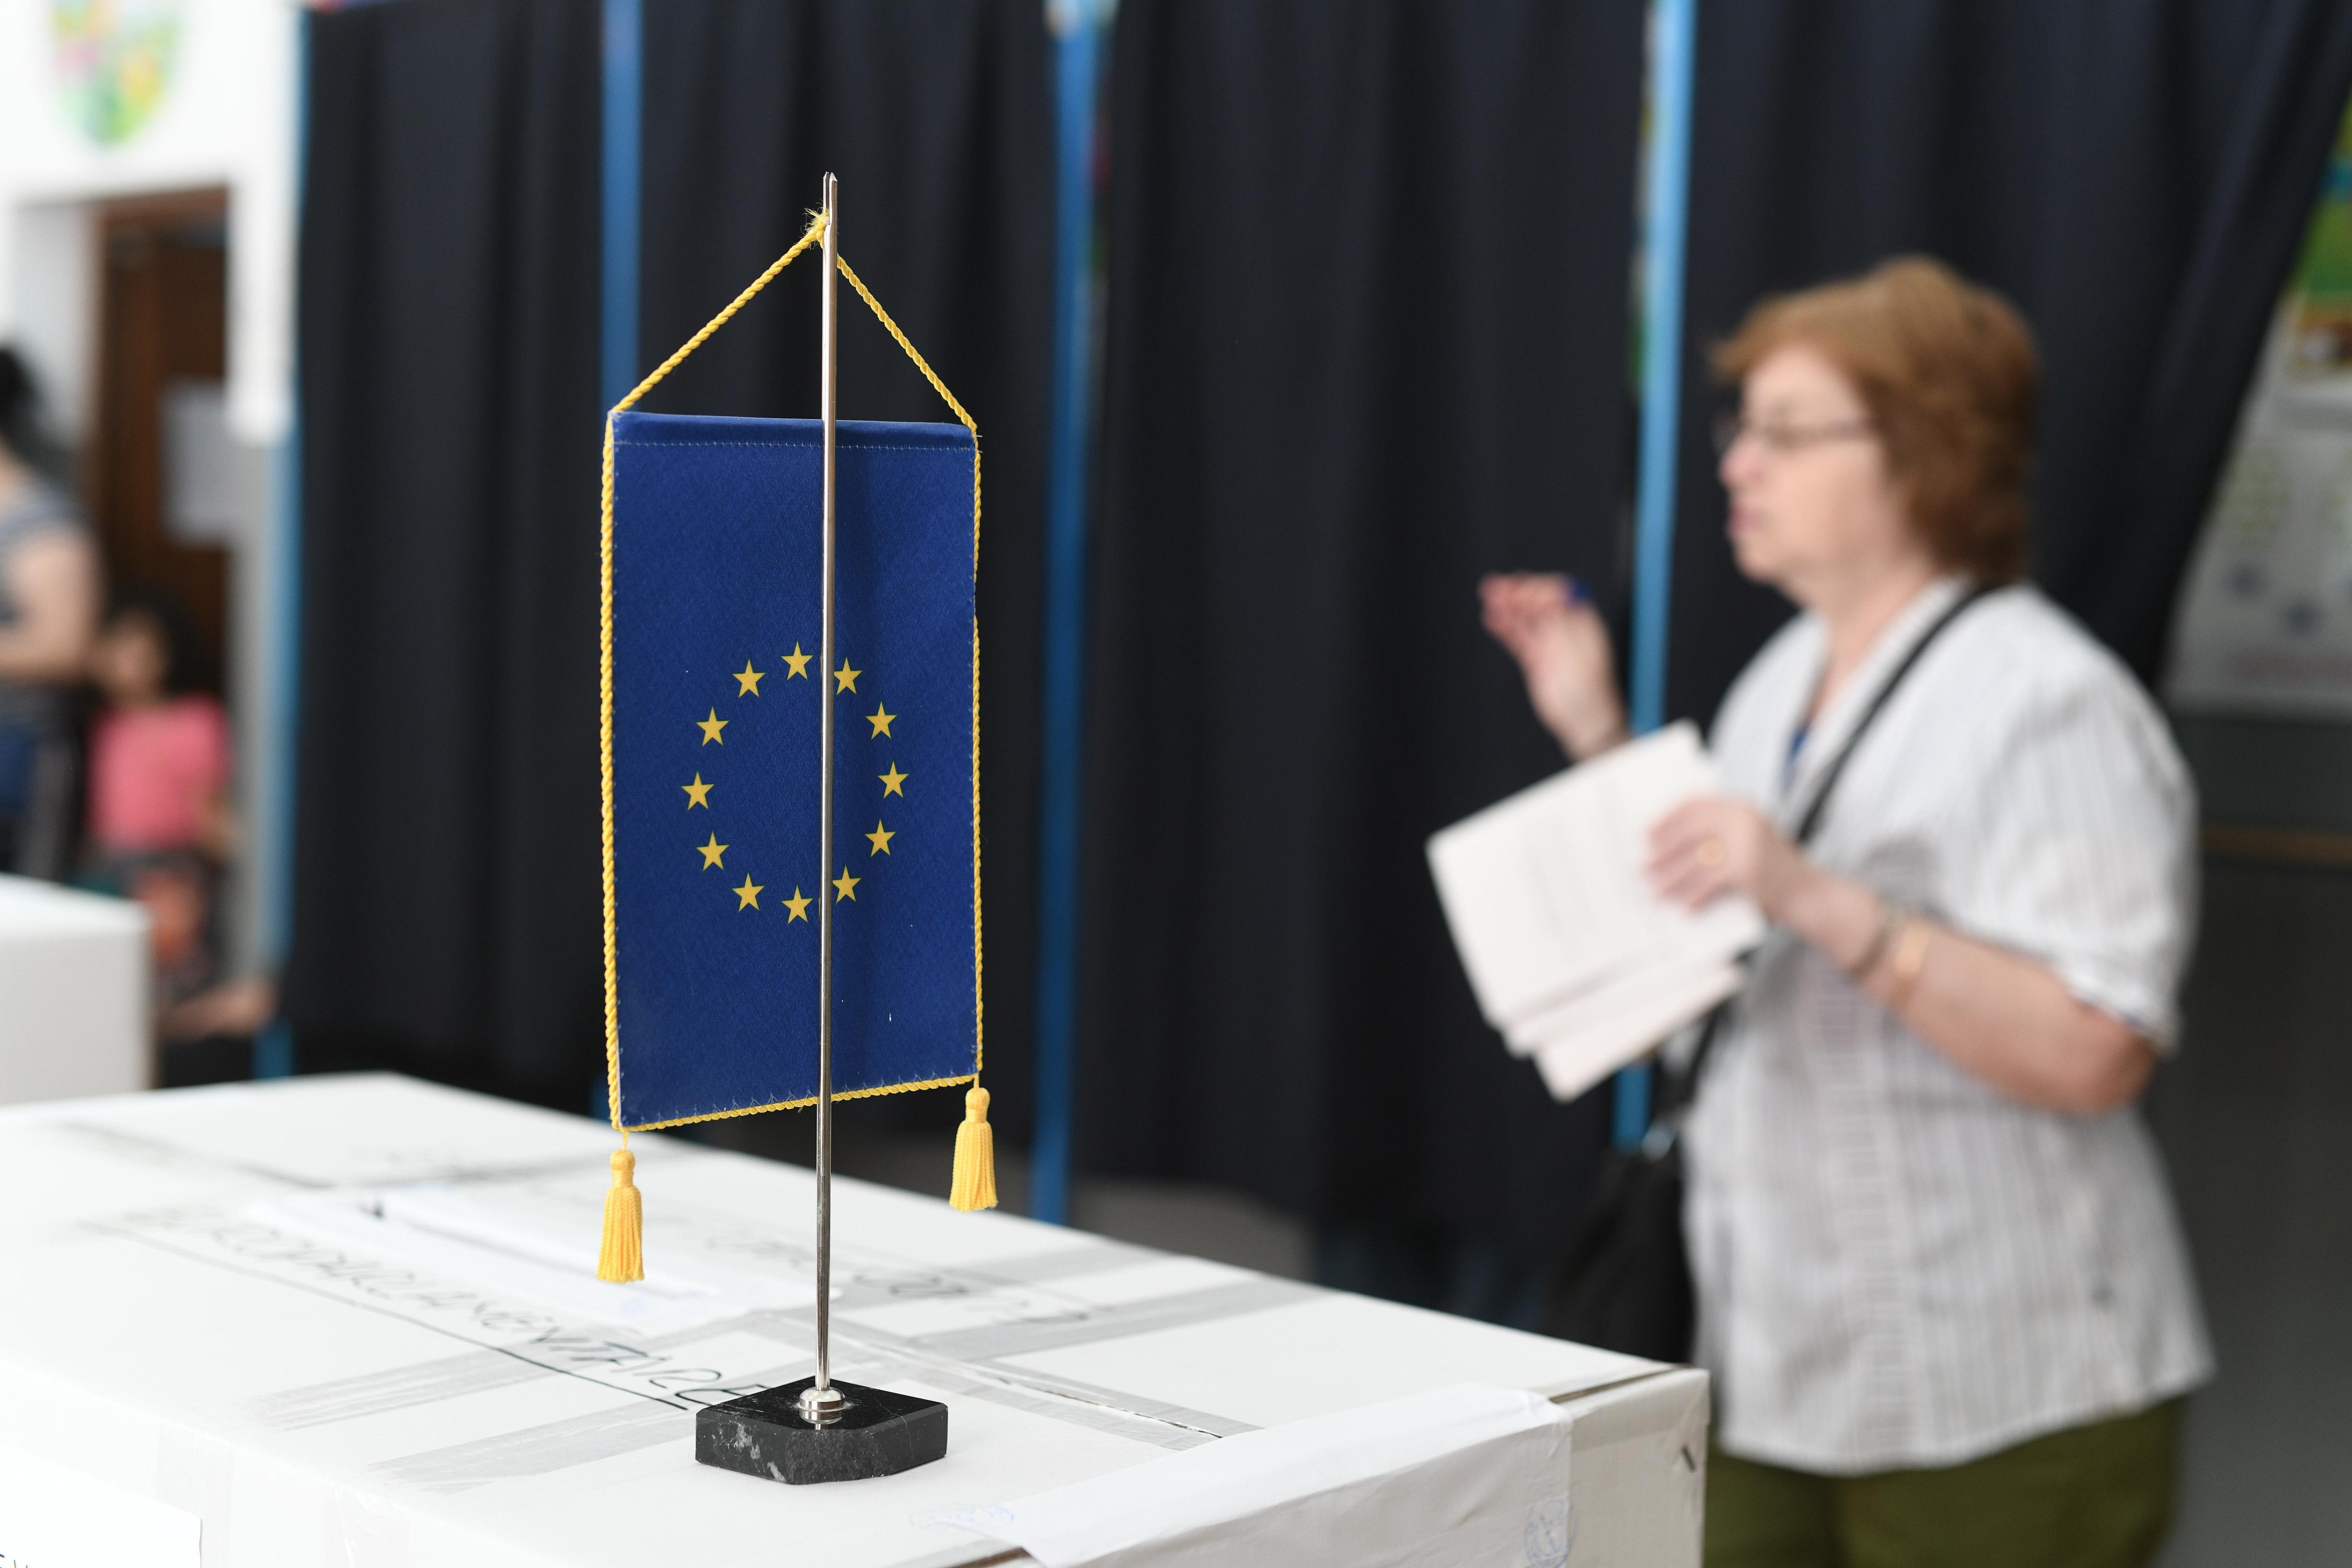 Rezultate parţiale BEC la europarlamentare. PNL mărește distanța față de PSD